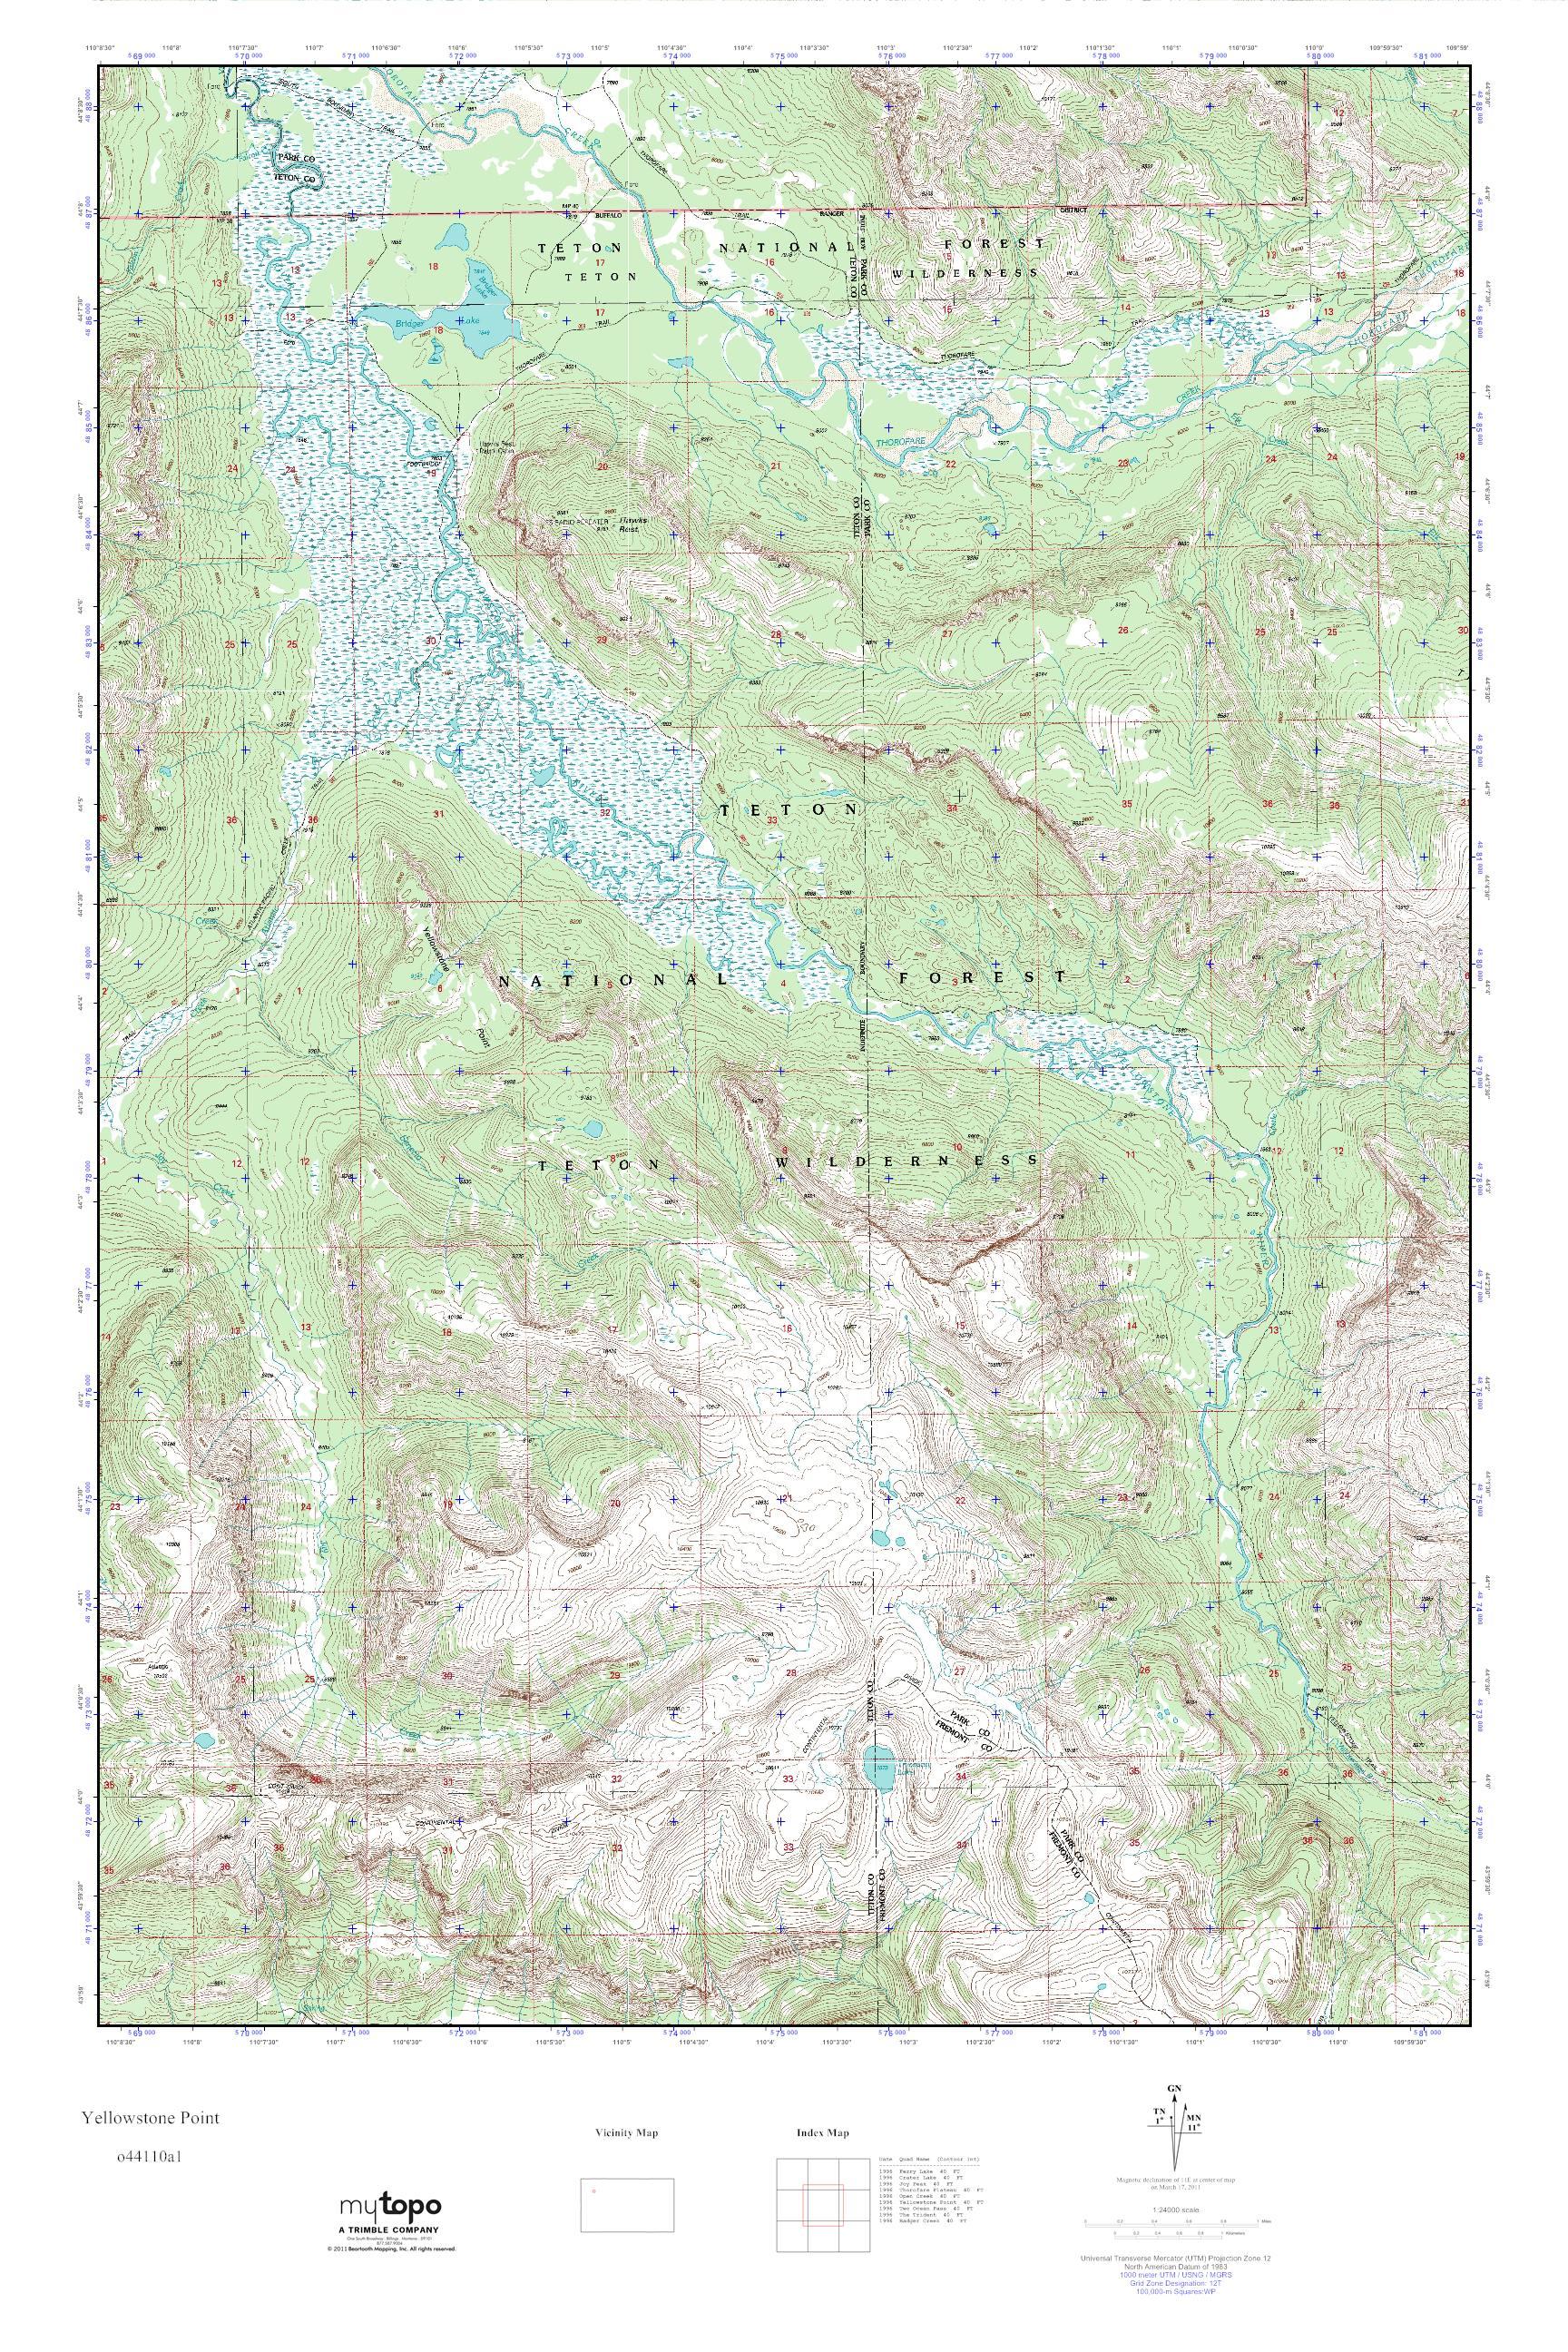 Mytopo Yellowstone Point Wyoming Usgs Quad Topo Map